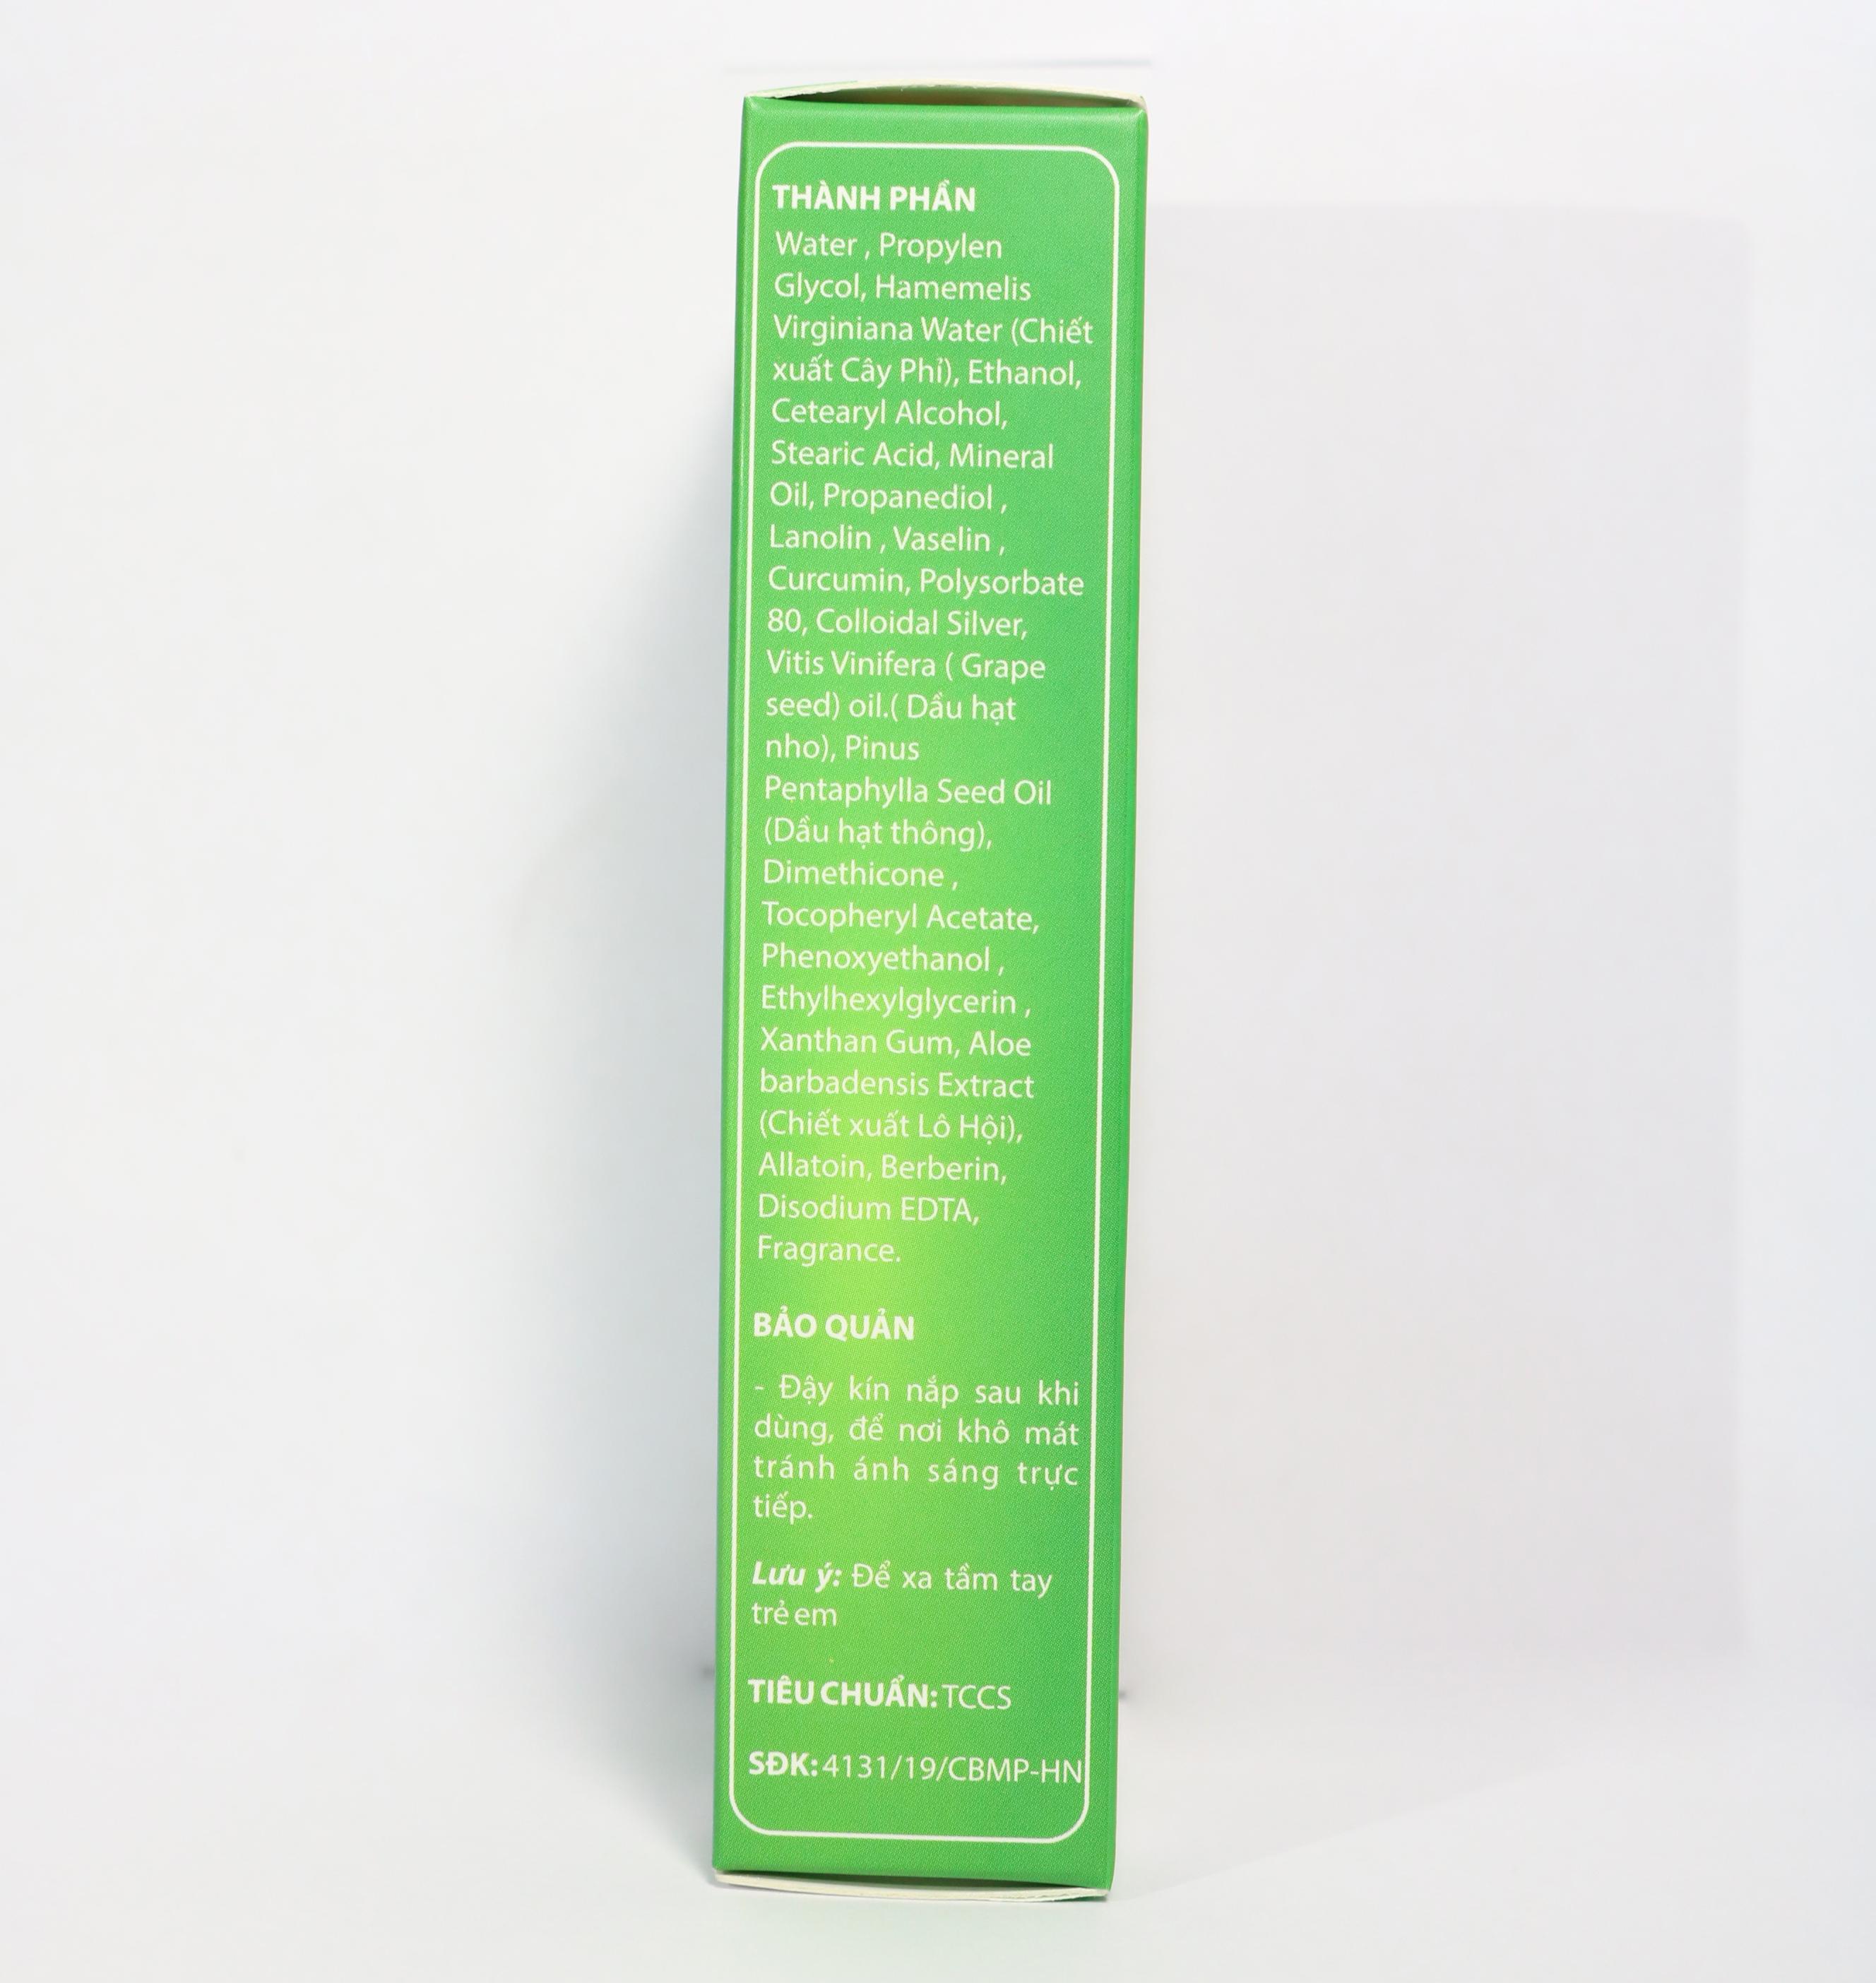 Kem bôi trĩ Diếp Cá Vương Plus giảm nỗi lo bệnh trĩ, giảm đau rát búi trĩ, giảm nứt nẻ da - Tuýp 10 gram chiết xuất thảo dược an toàn cho da